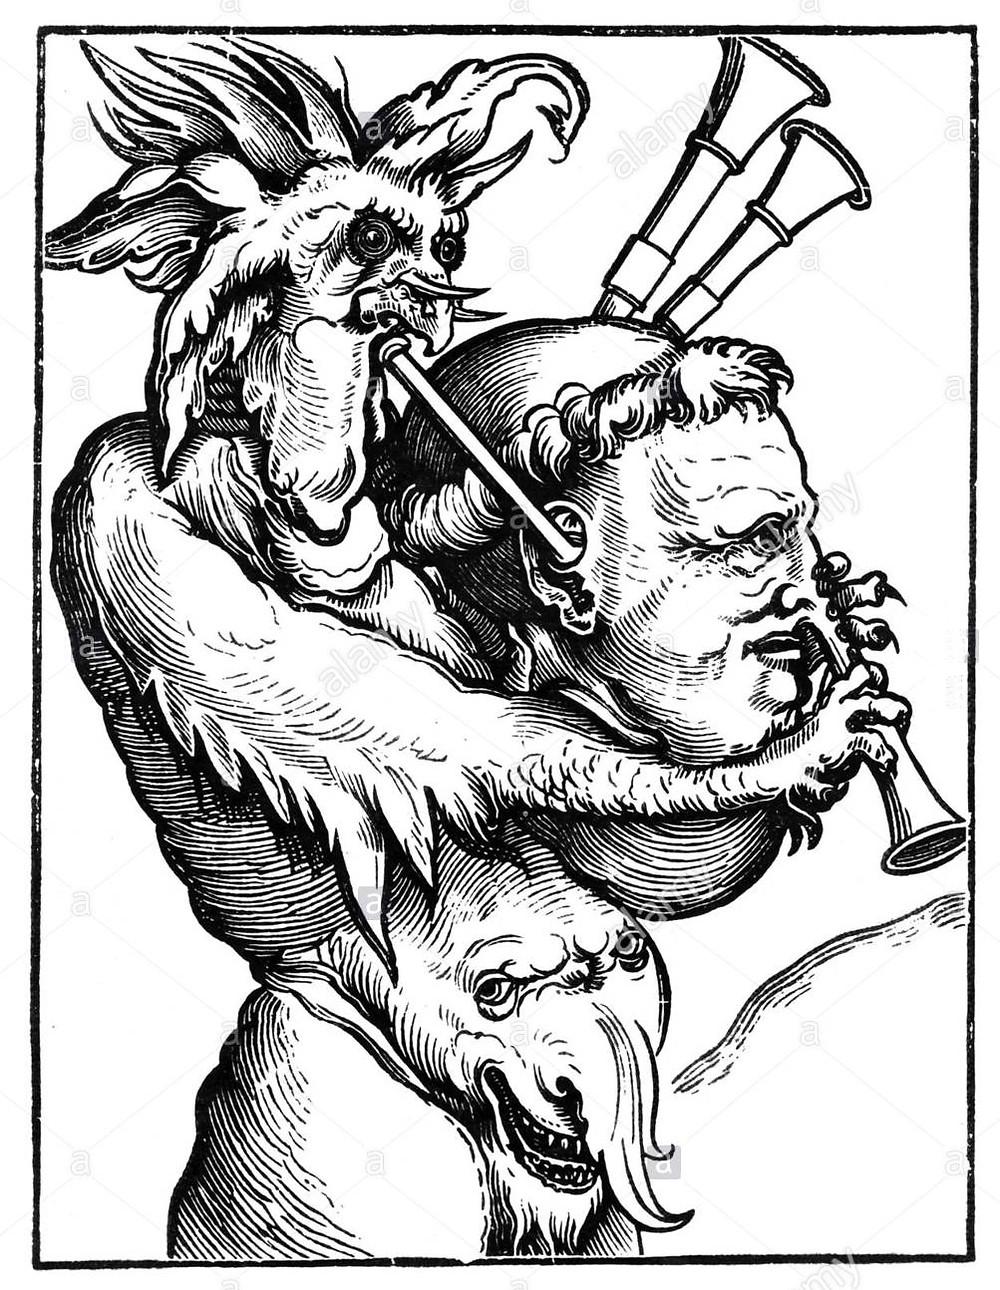 Erhard Schön fametszete, 1521. Alami Schock fotó